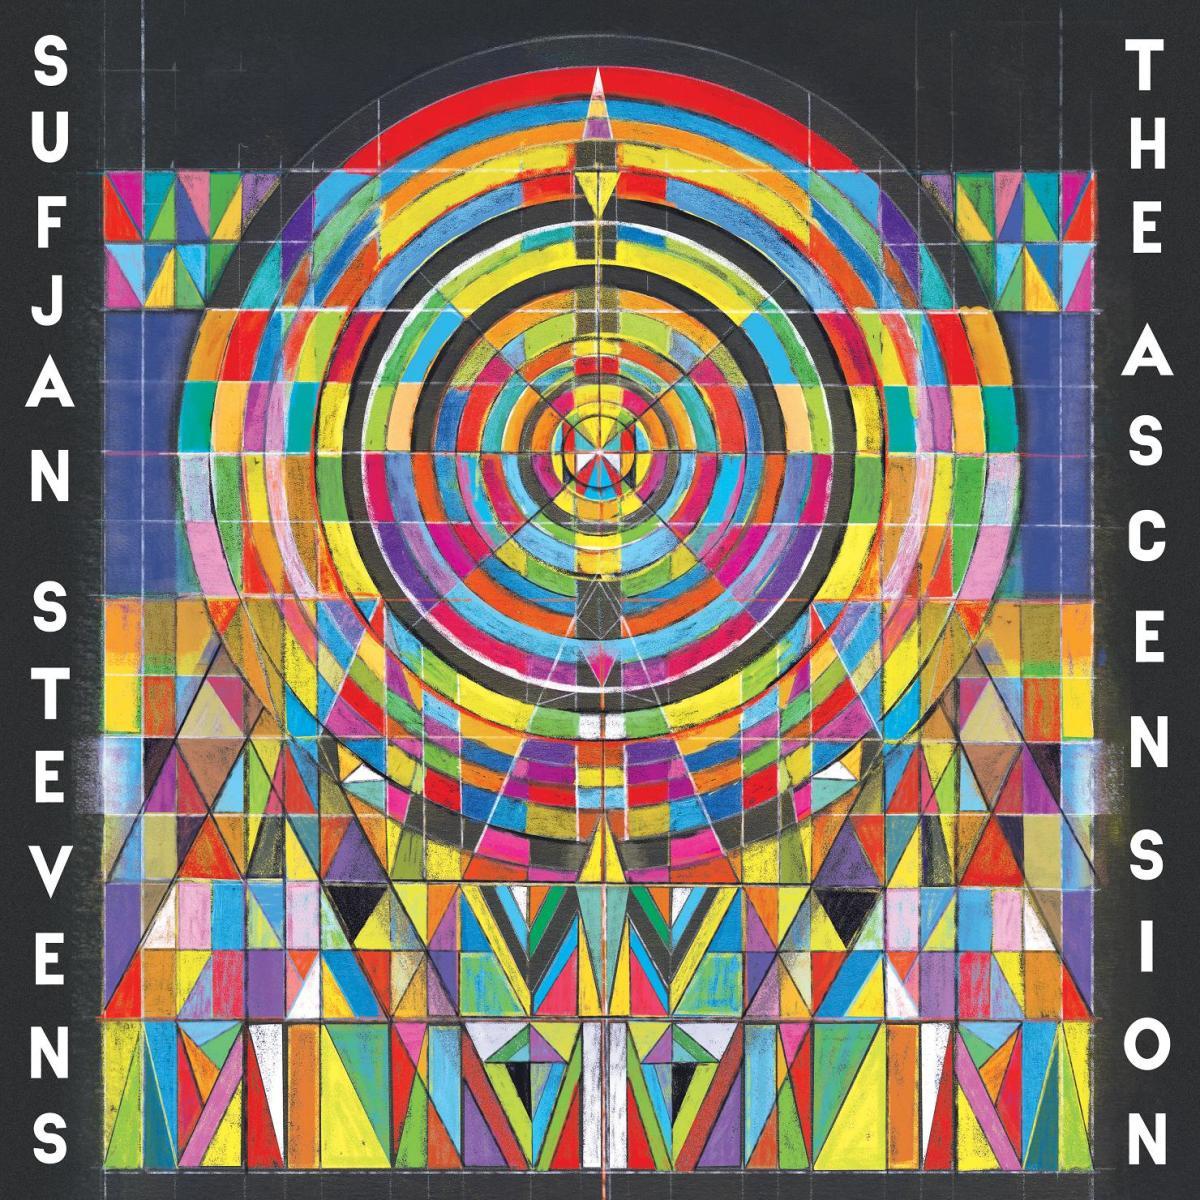 Sufjan Stevens The Ascension